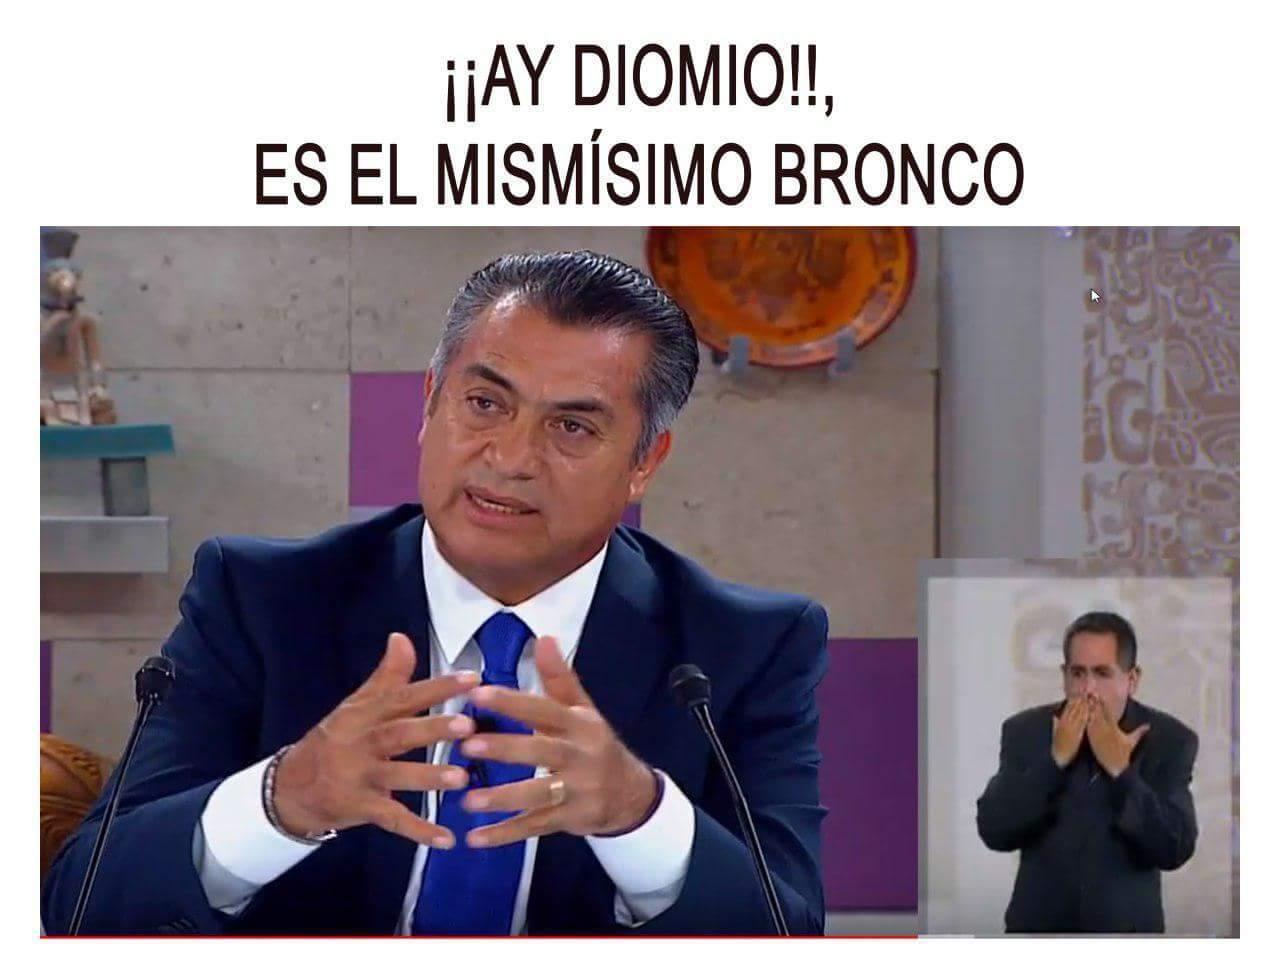 #Bronco2018 - meme